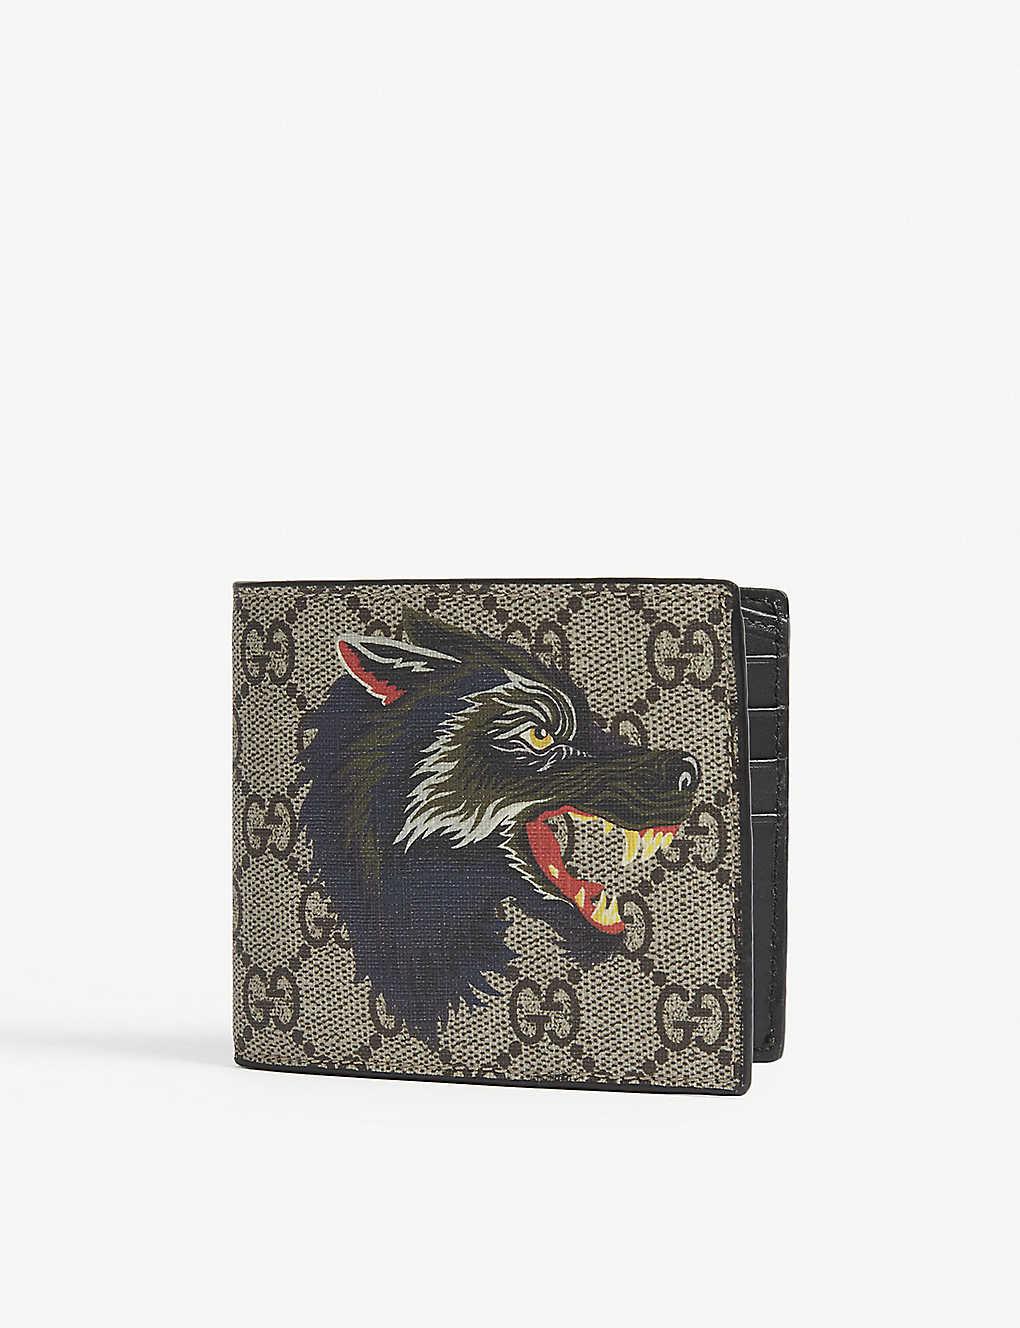 a0de806e85ee GUCCI - Wolf print GG Supreme billfold wallet | Selfridges.com